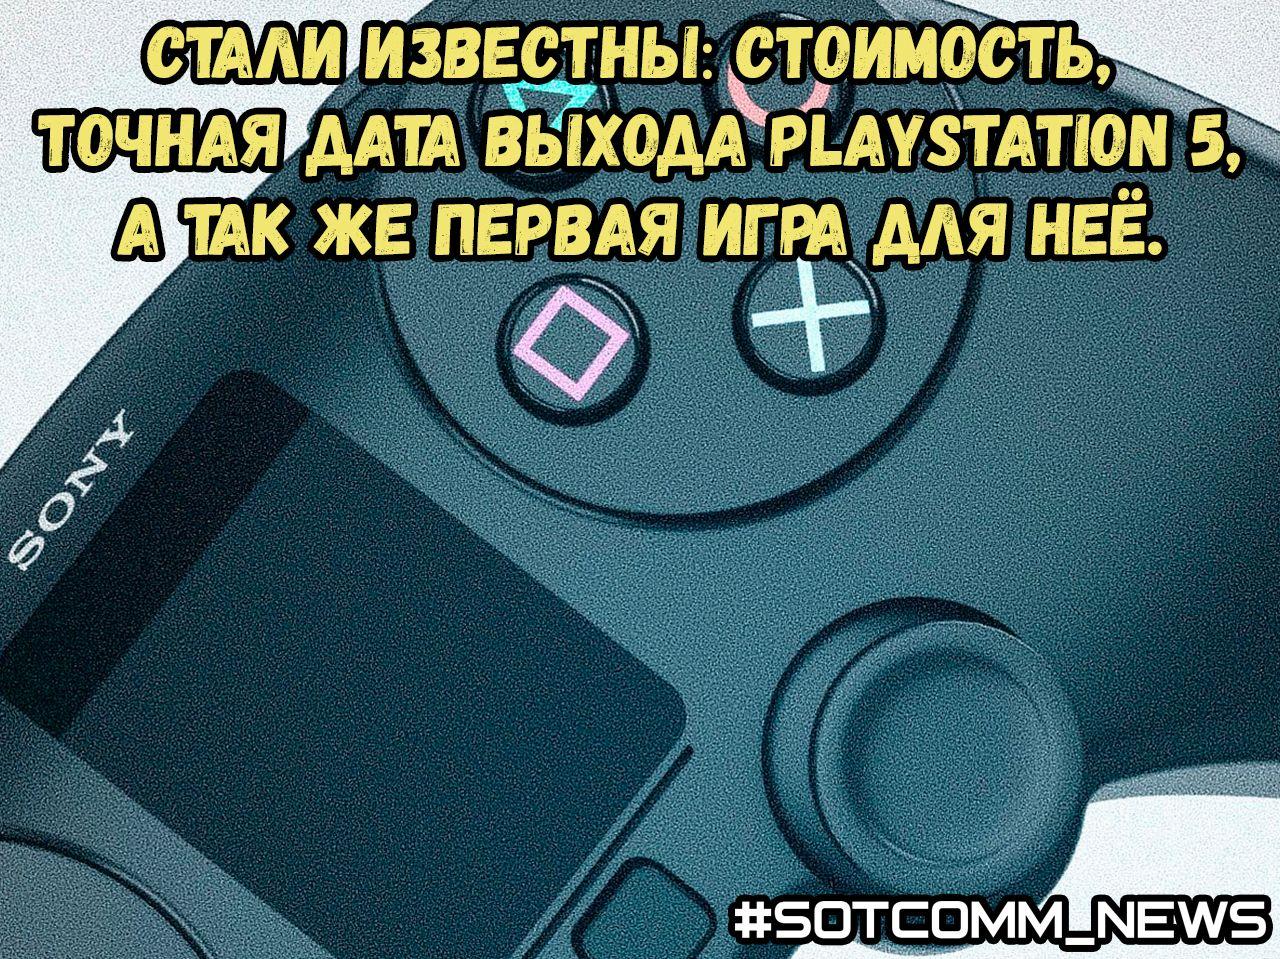 точная дата выхода PlayStation 5, а так же первая игра для неё